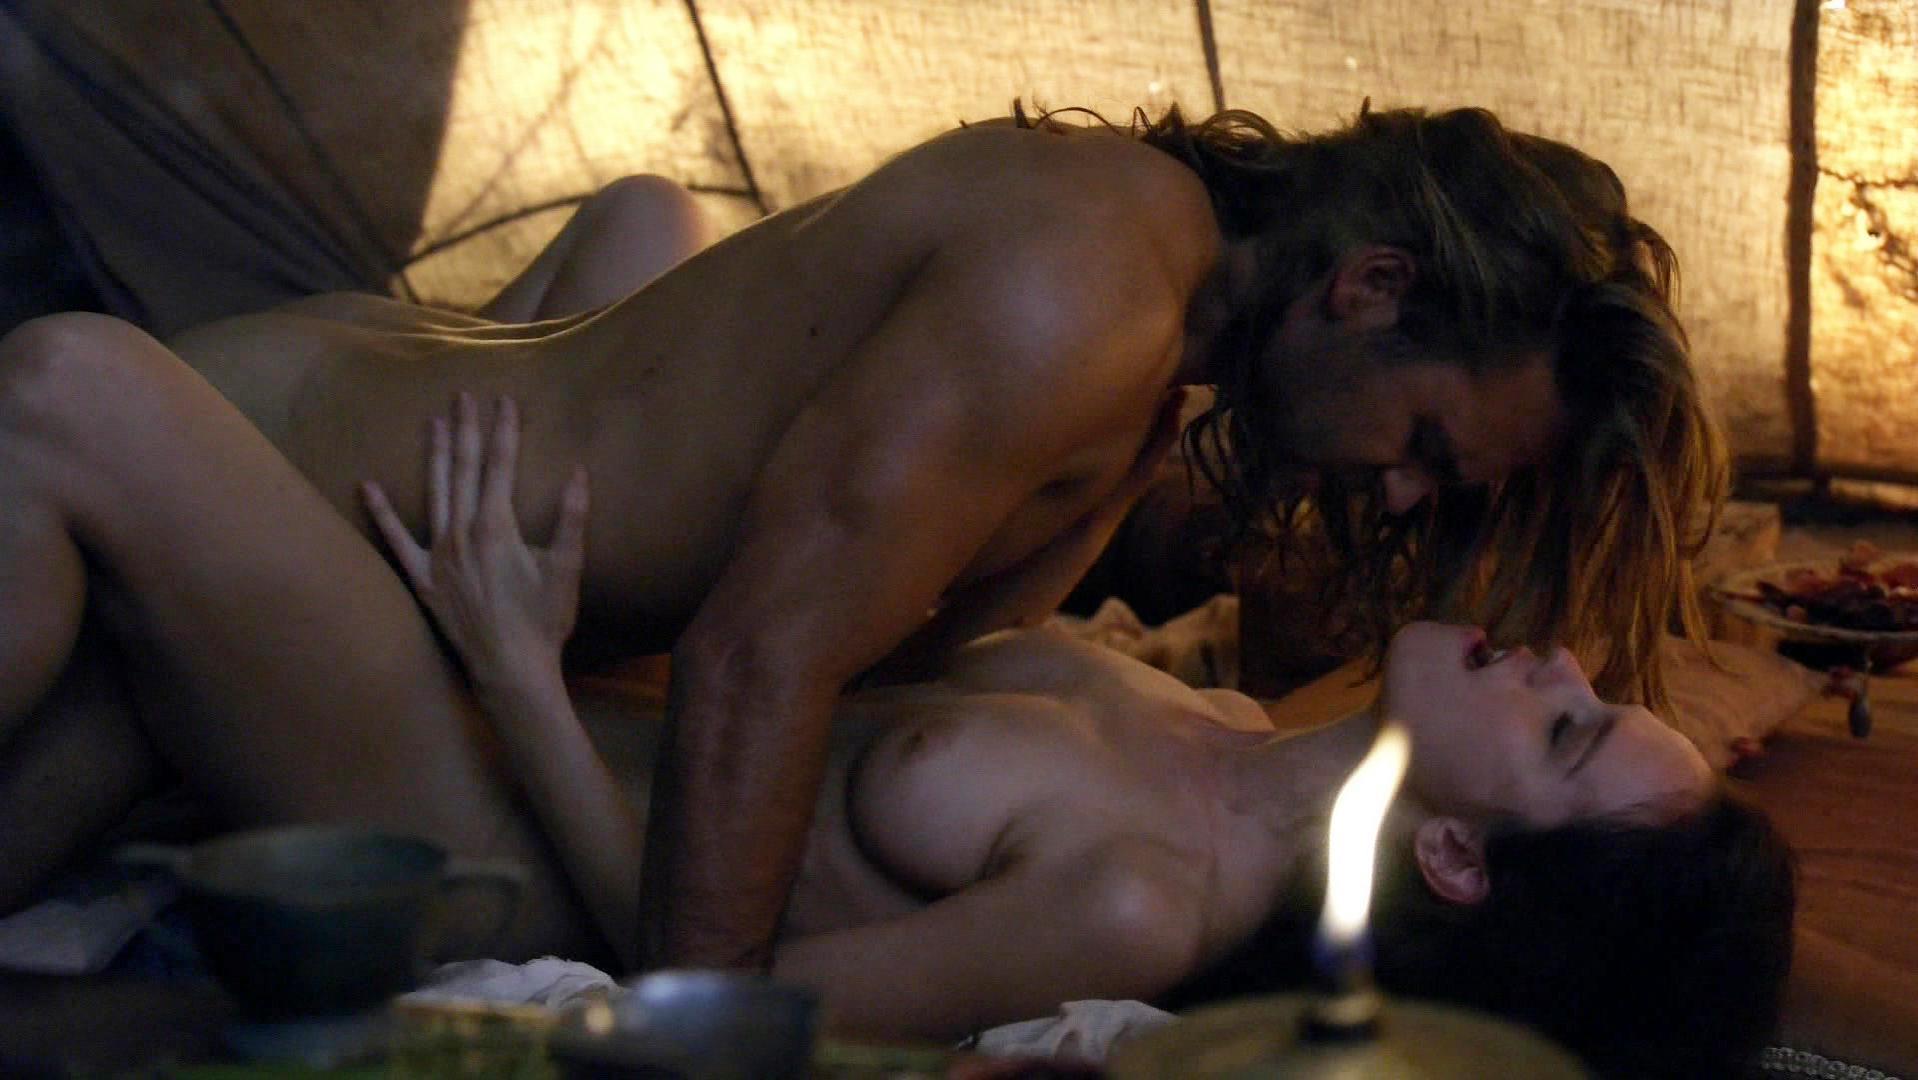 eroticheskie-stseni-iz-hud-filmov